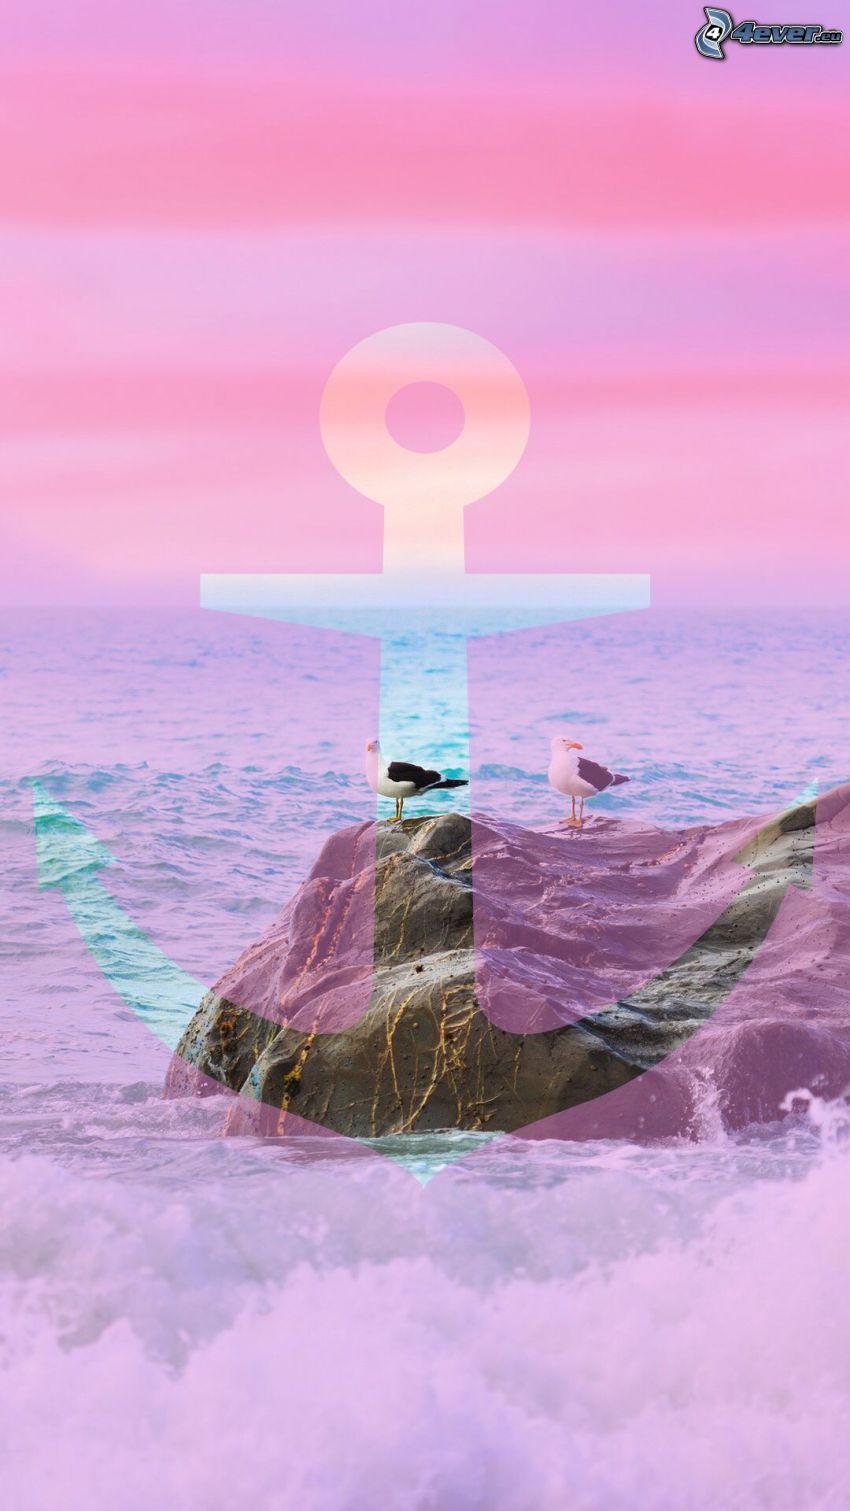 kotwica, skała, mewy, fioletowe niebo